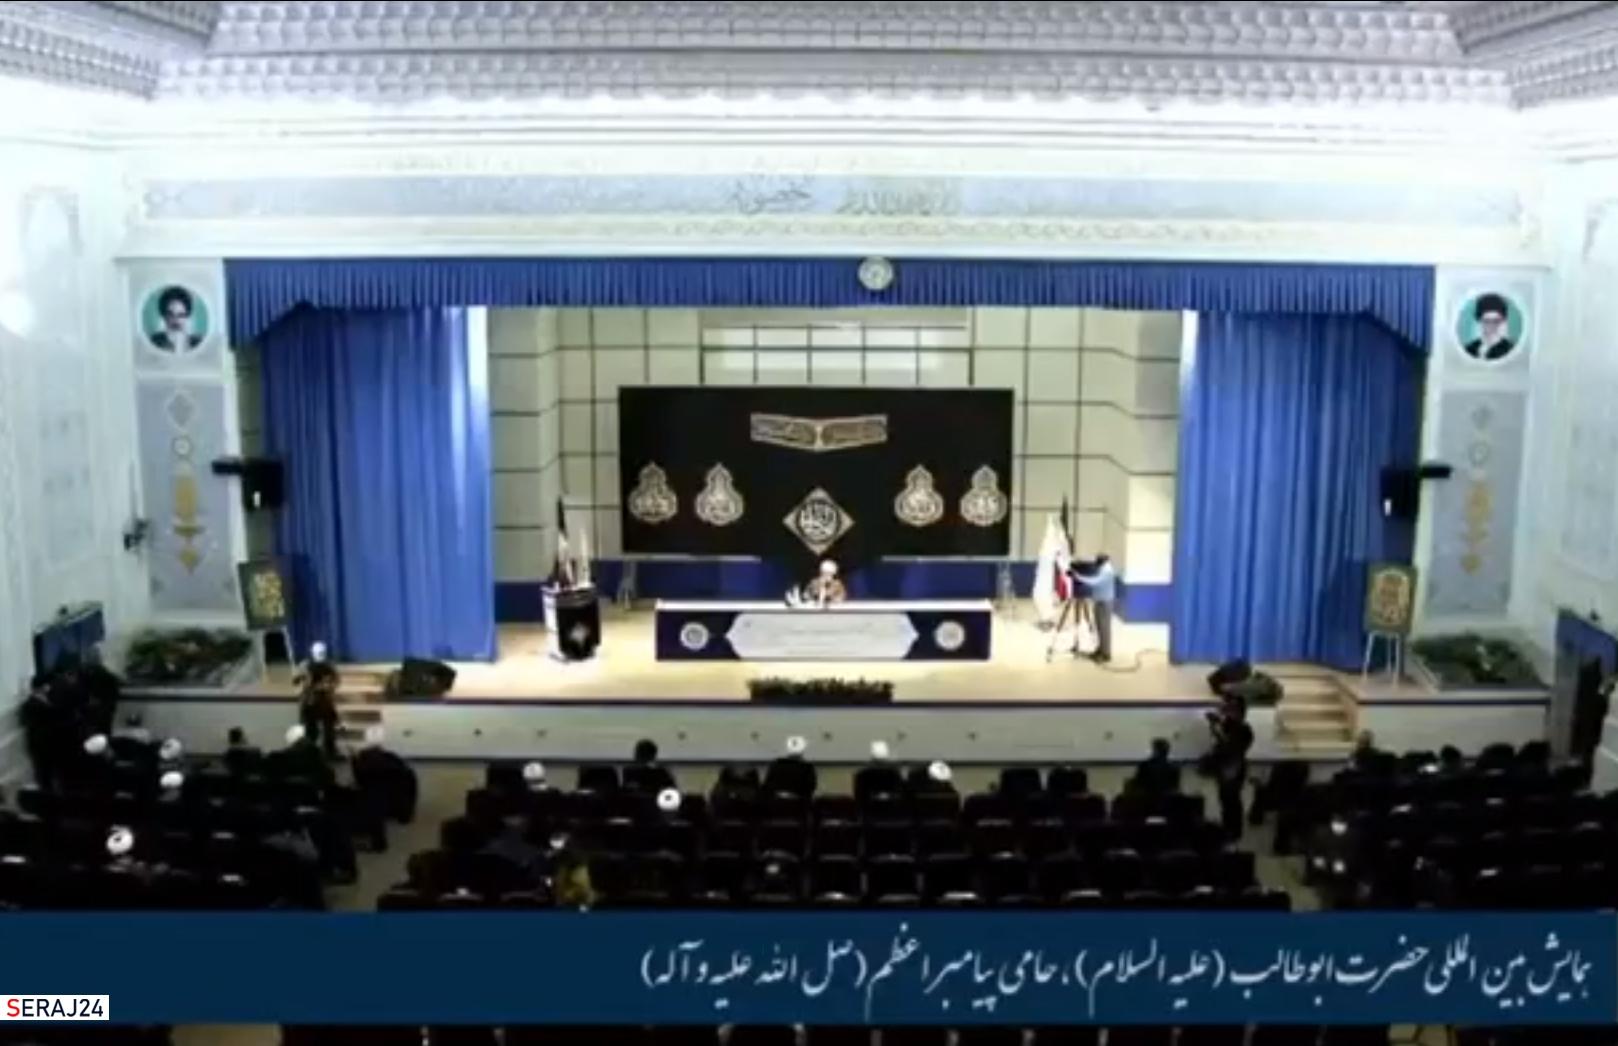 پخش زنده همایش بین المللی حضرت ابوطالب (ع)